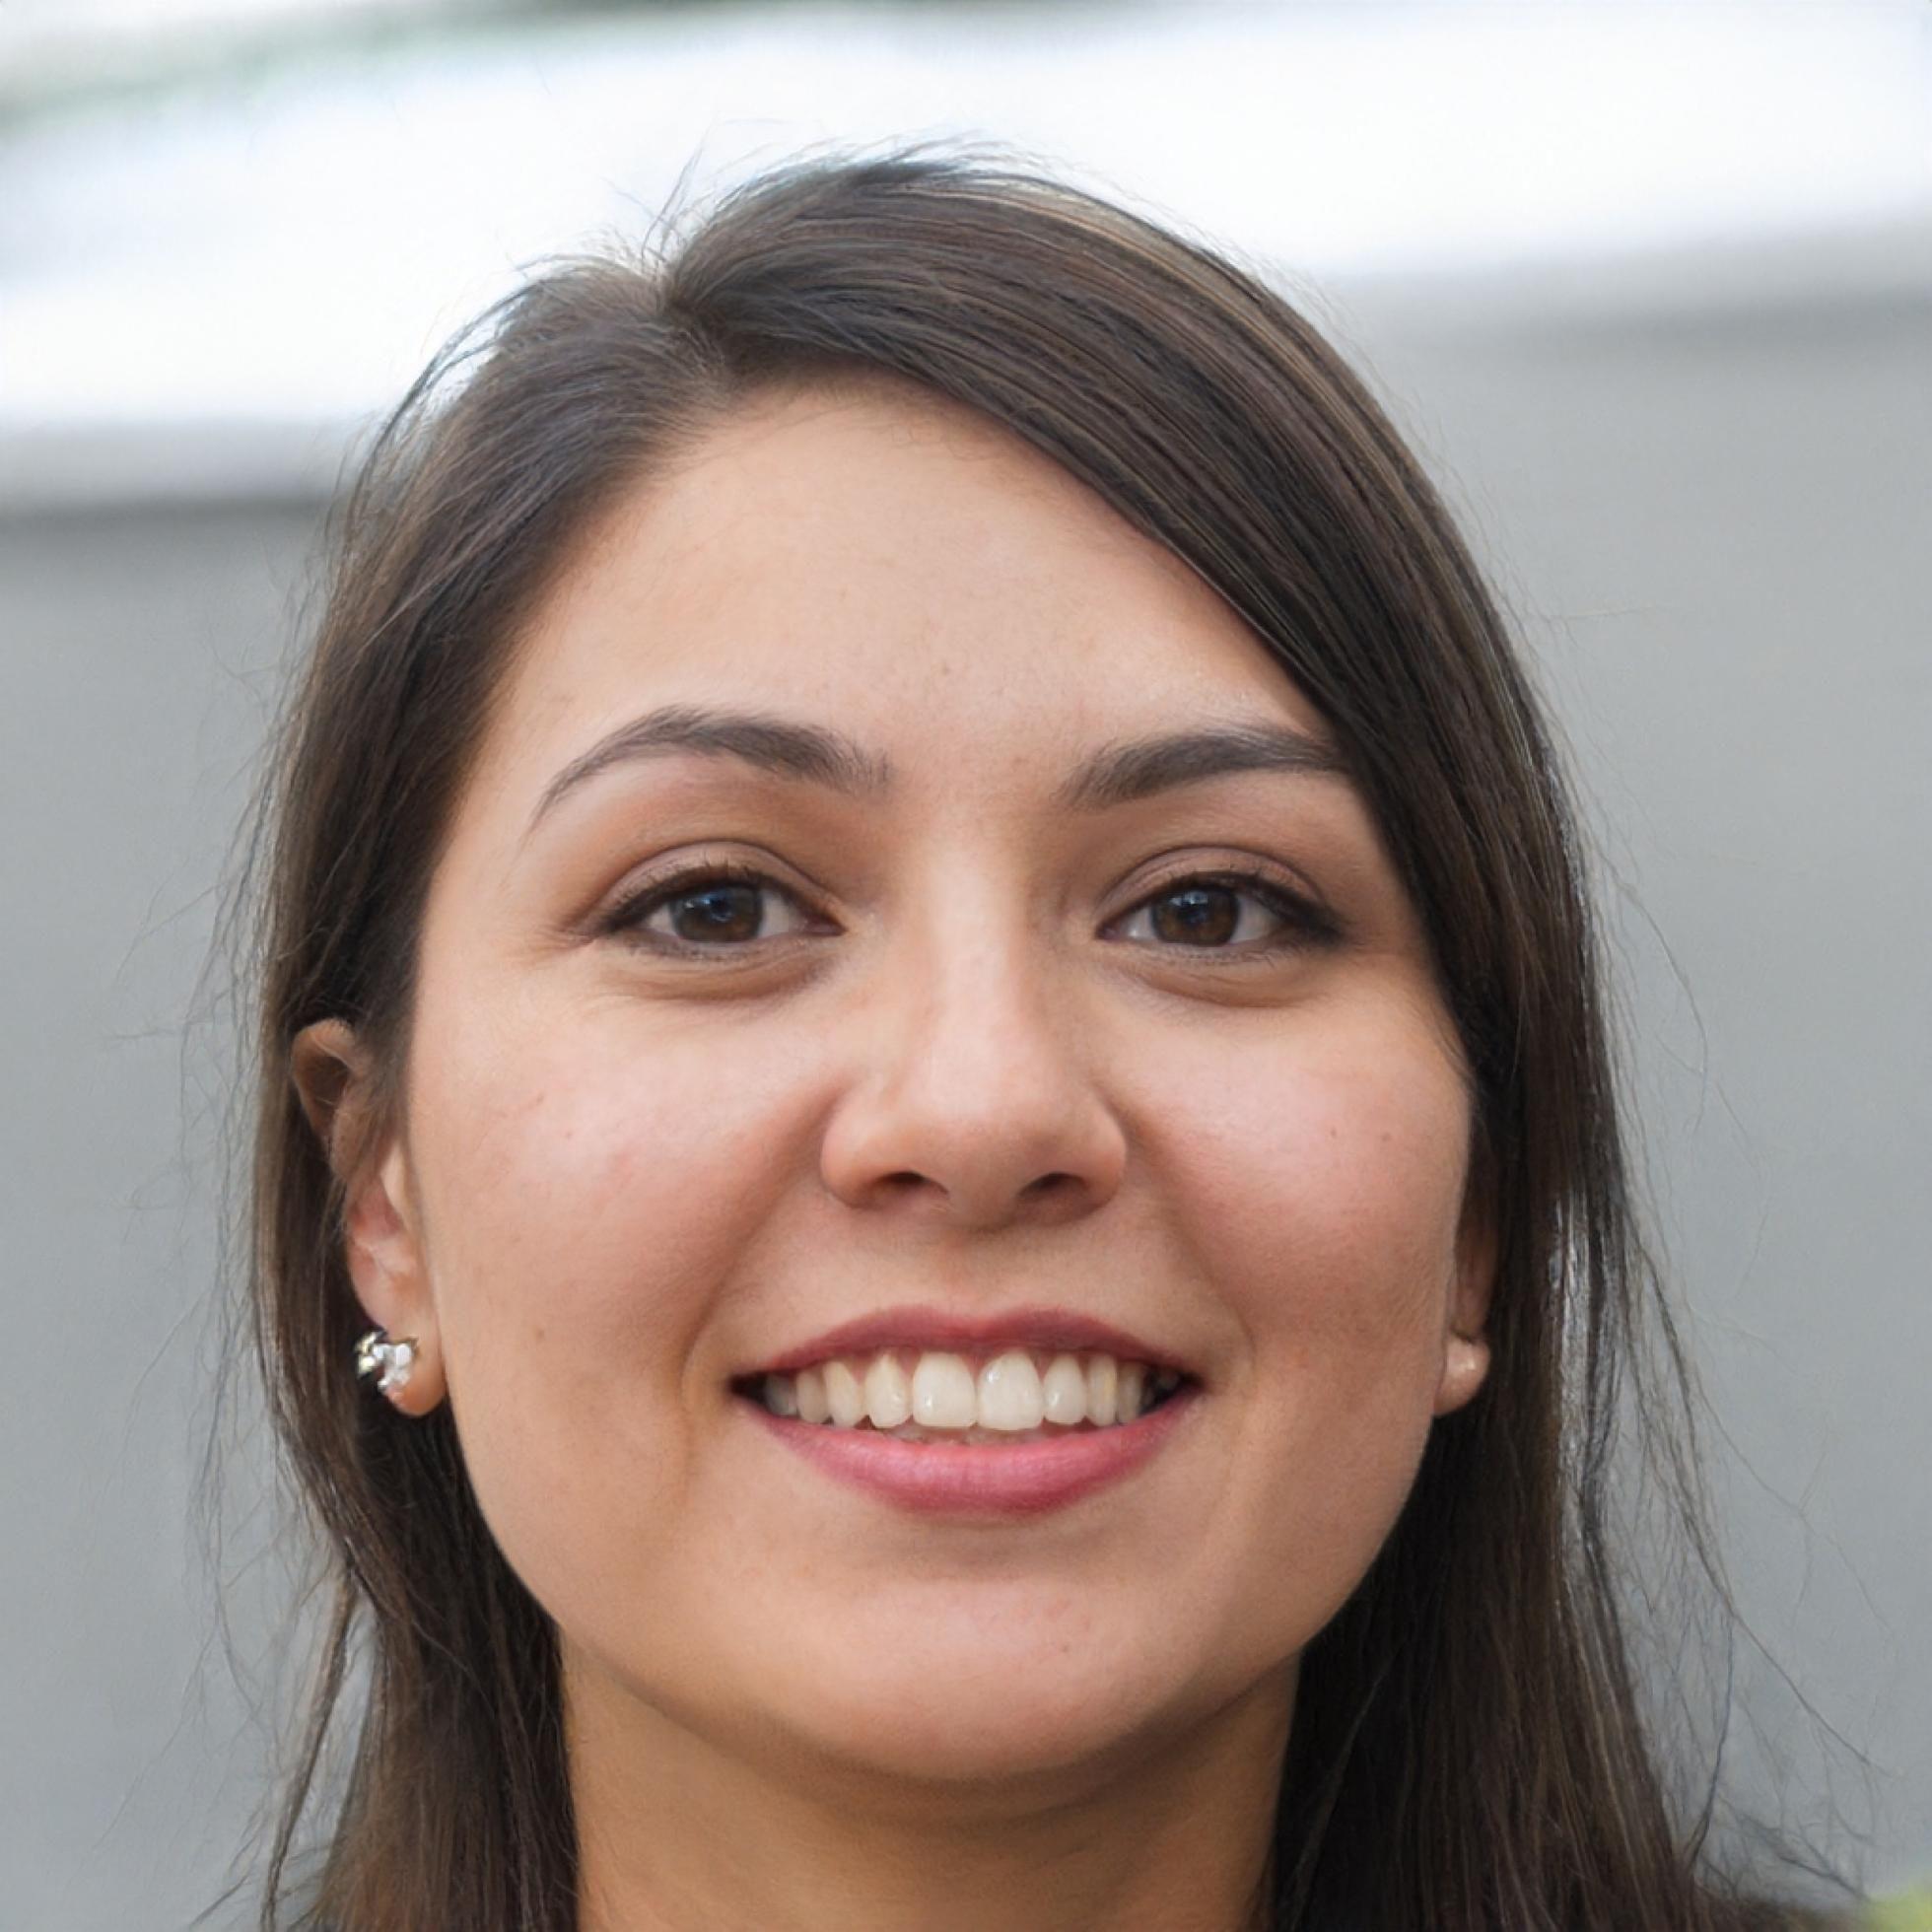 Елизавета Садекова, совладелица сети груминг-салонов